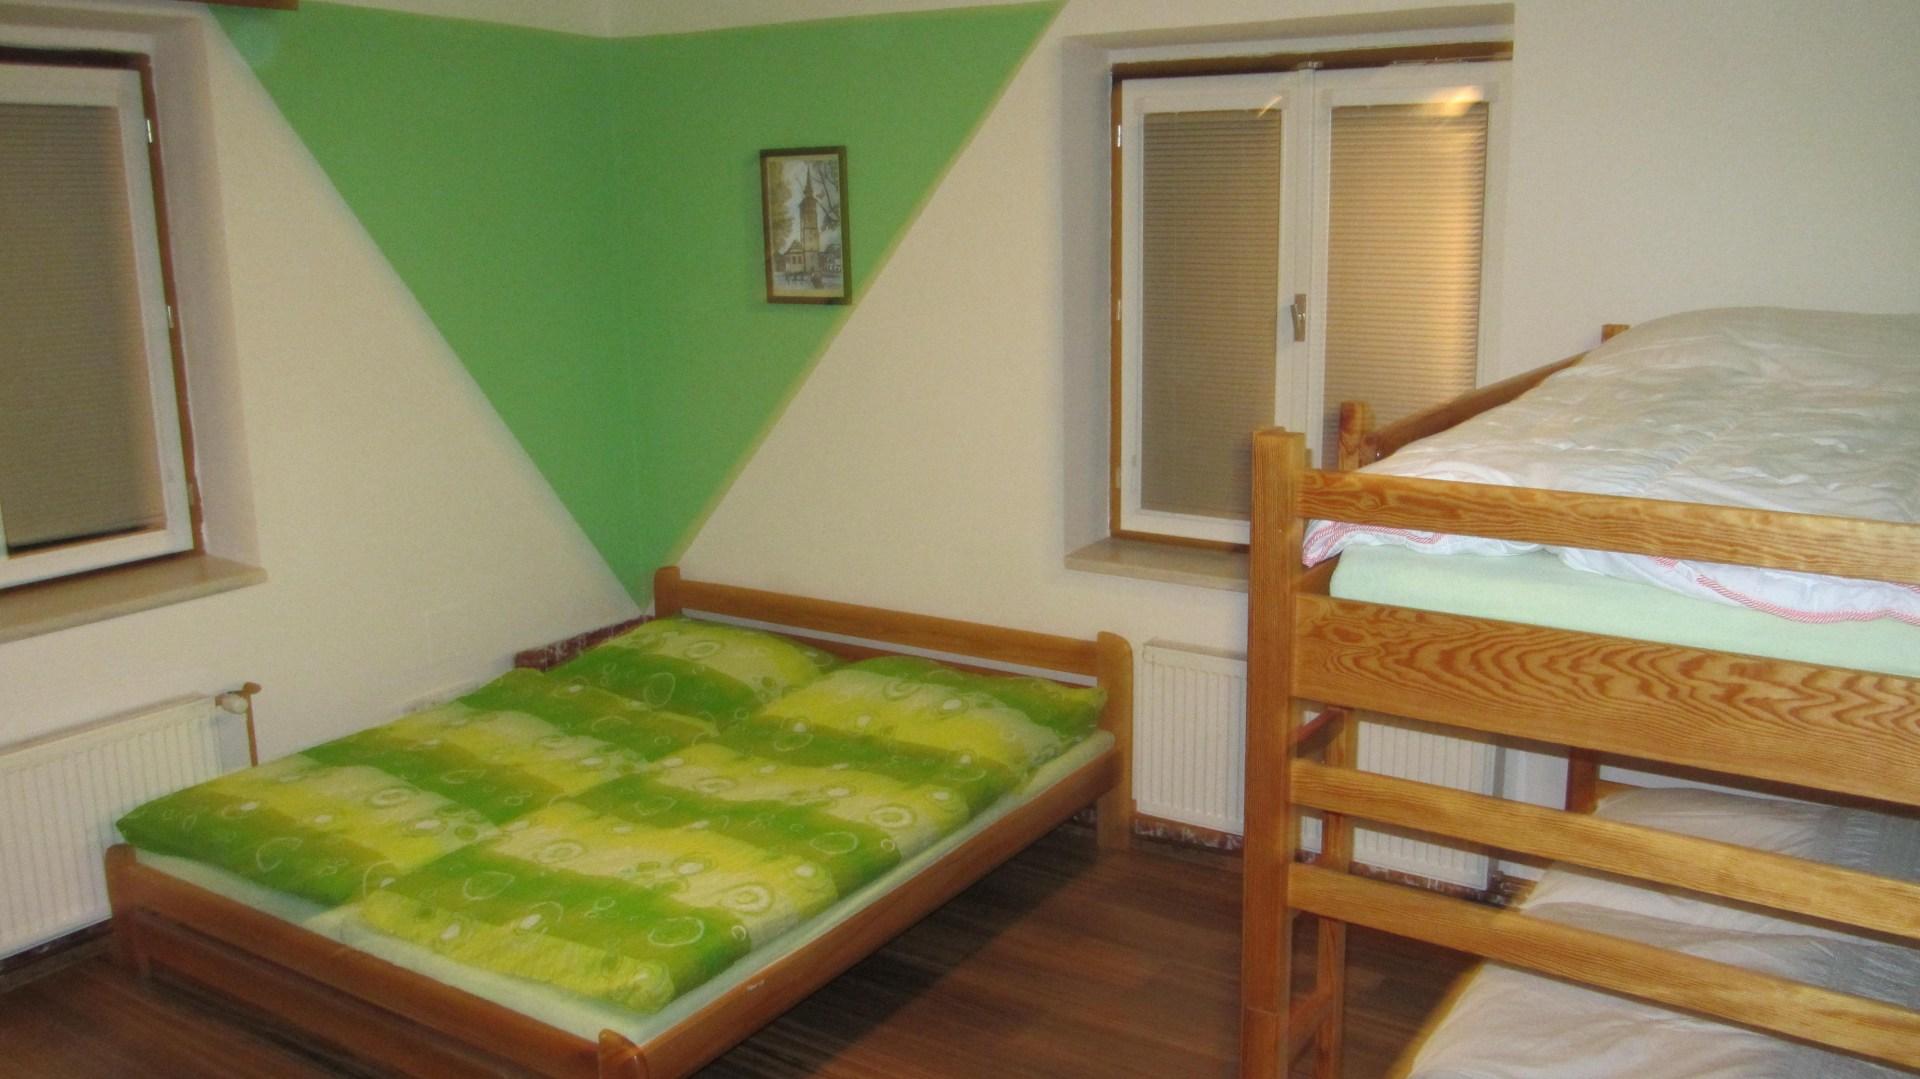 Penzion Karafiátova studánky - zelený pokoj